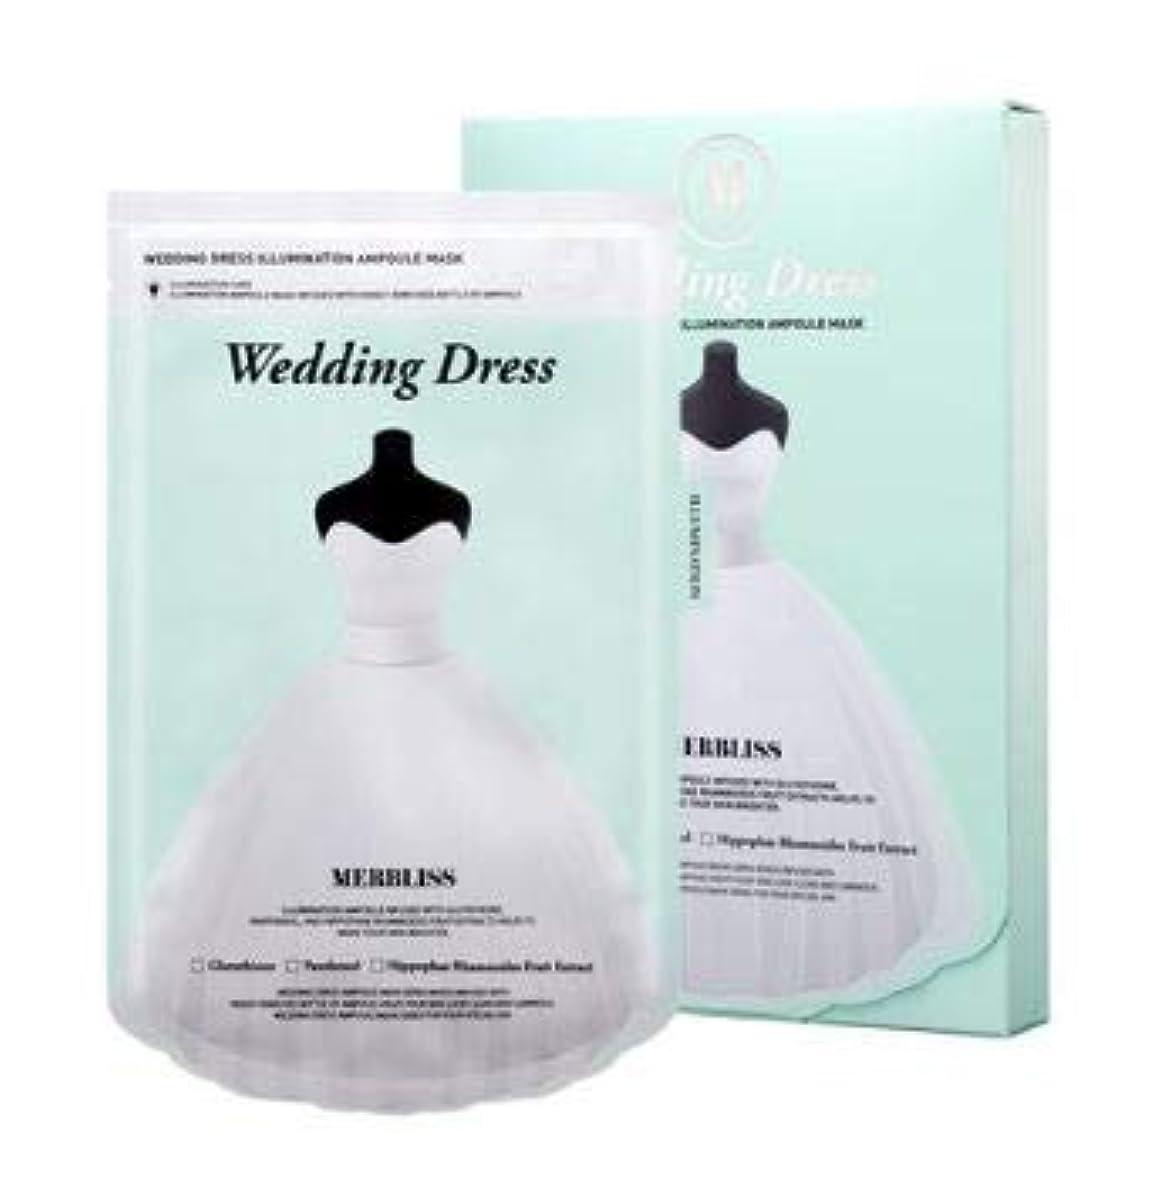 ラメ命令検閲[Merbliss] Wedding Dress Illumination Ampoule Mask 25gx5ea /ウェディングドレスイルミネーションアンプルマスク25gx5枚 [並行輸入品]